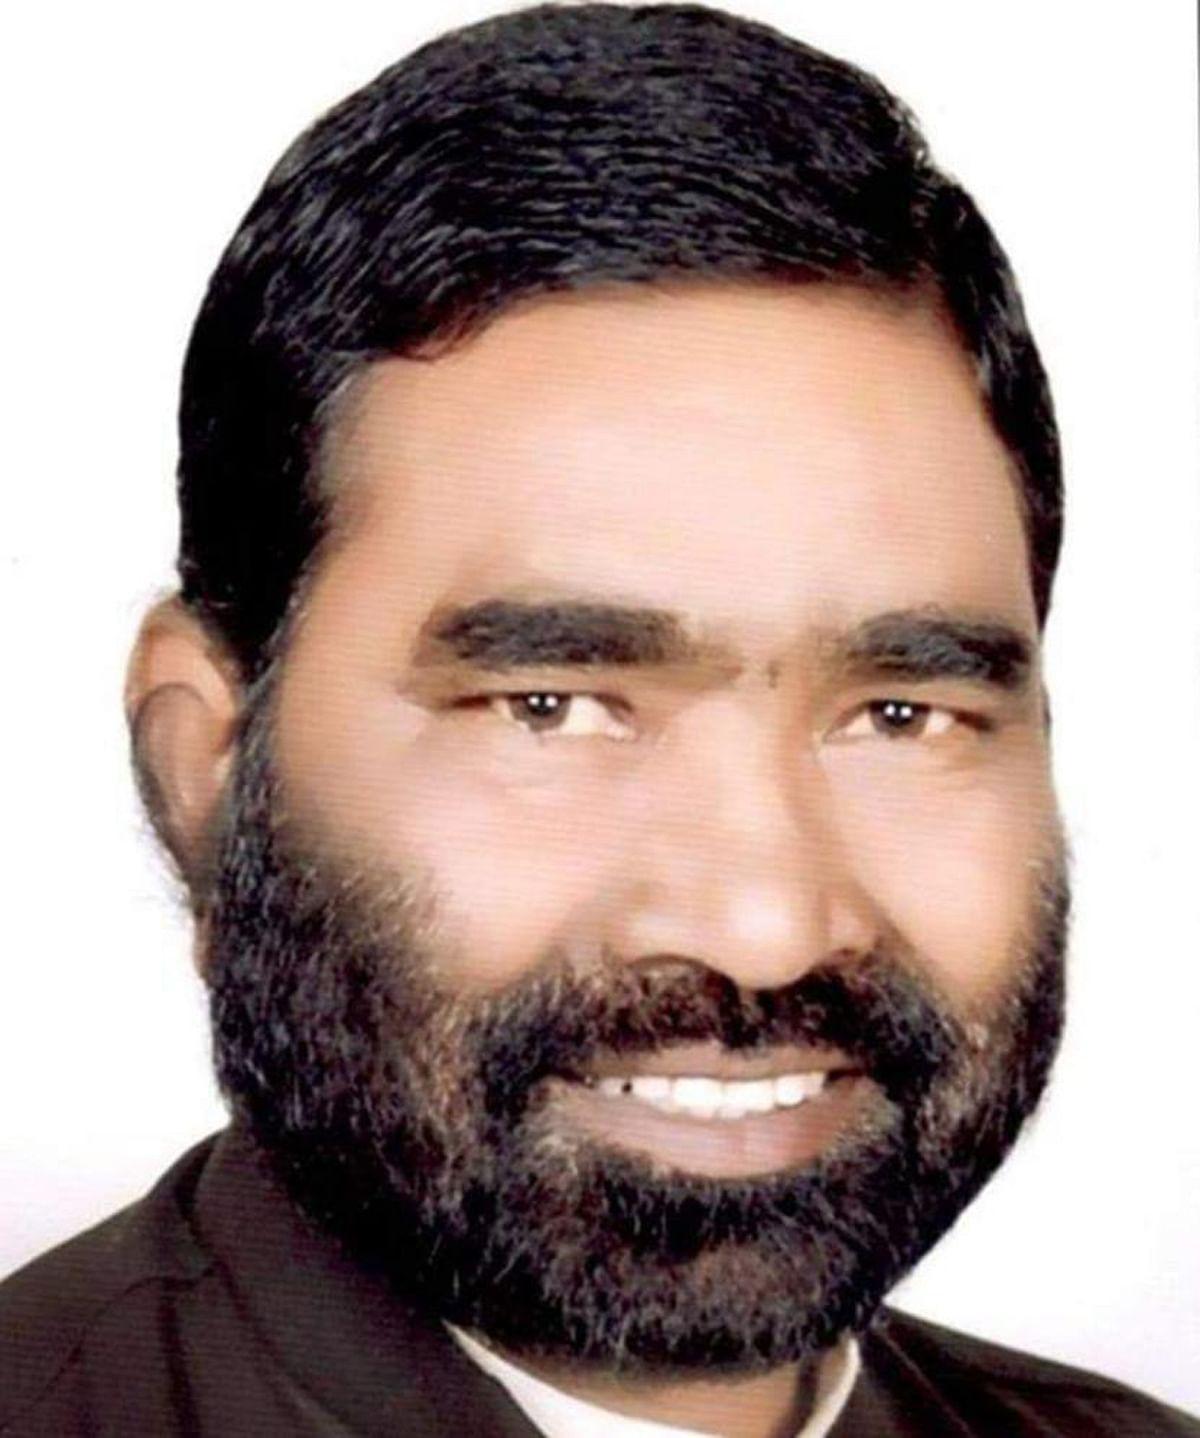 सभी पत्रकारों को दिया जाए कोरोना योद्धा का दर्जा: फुन्देलाल सिंह